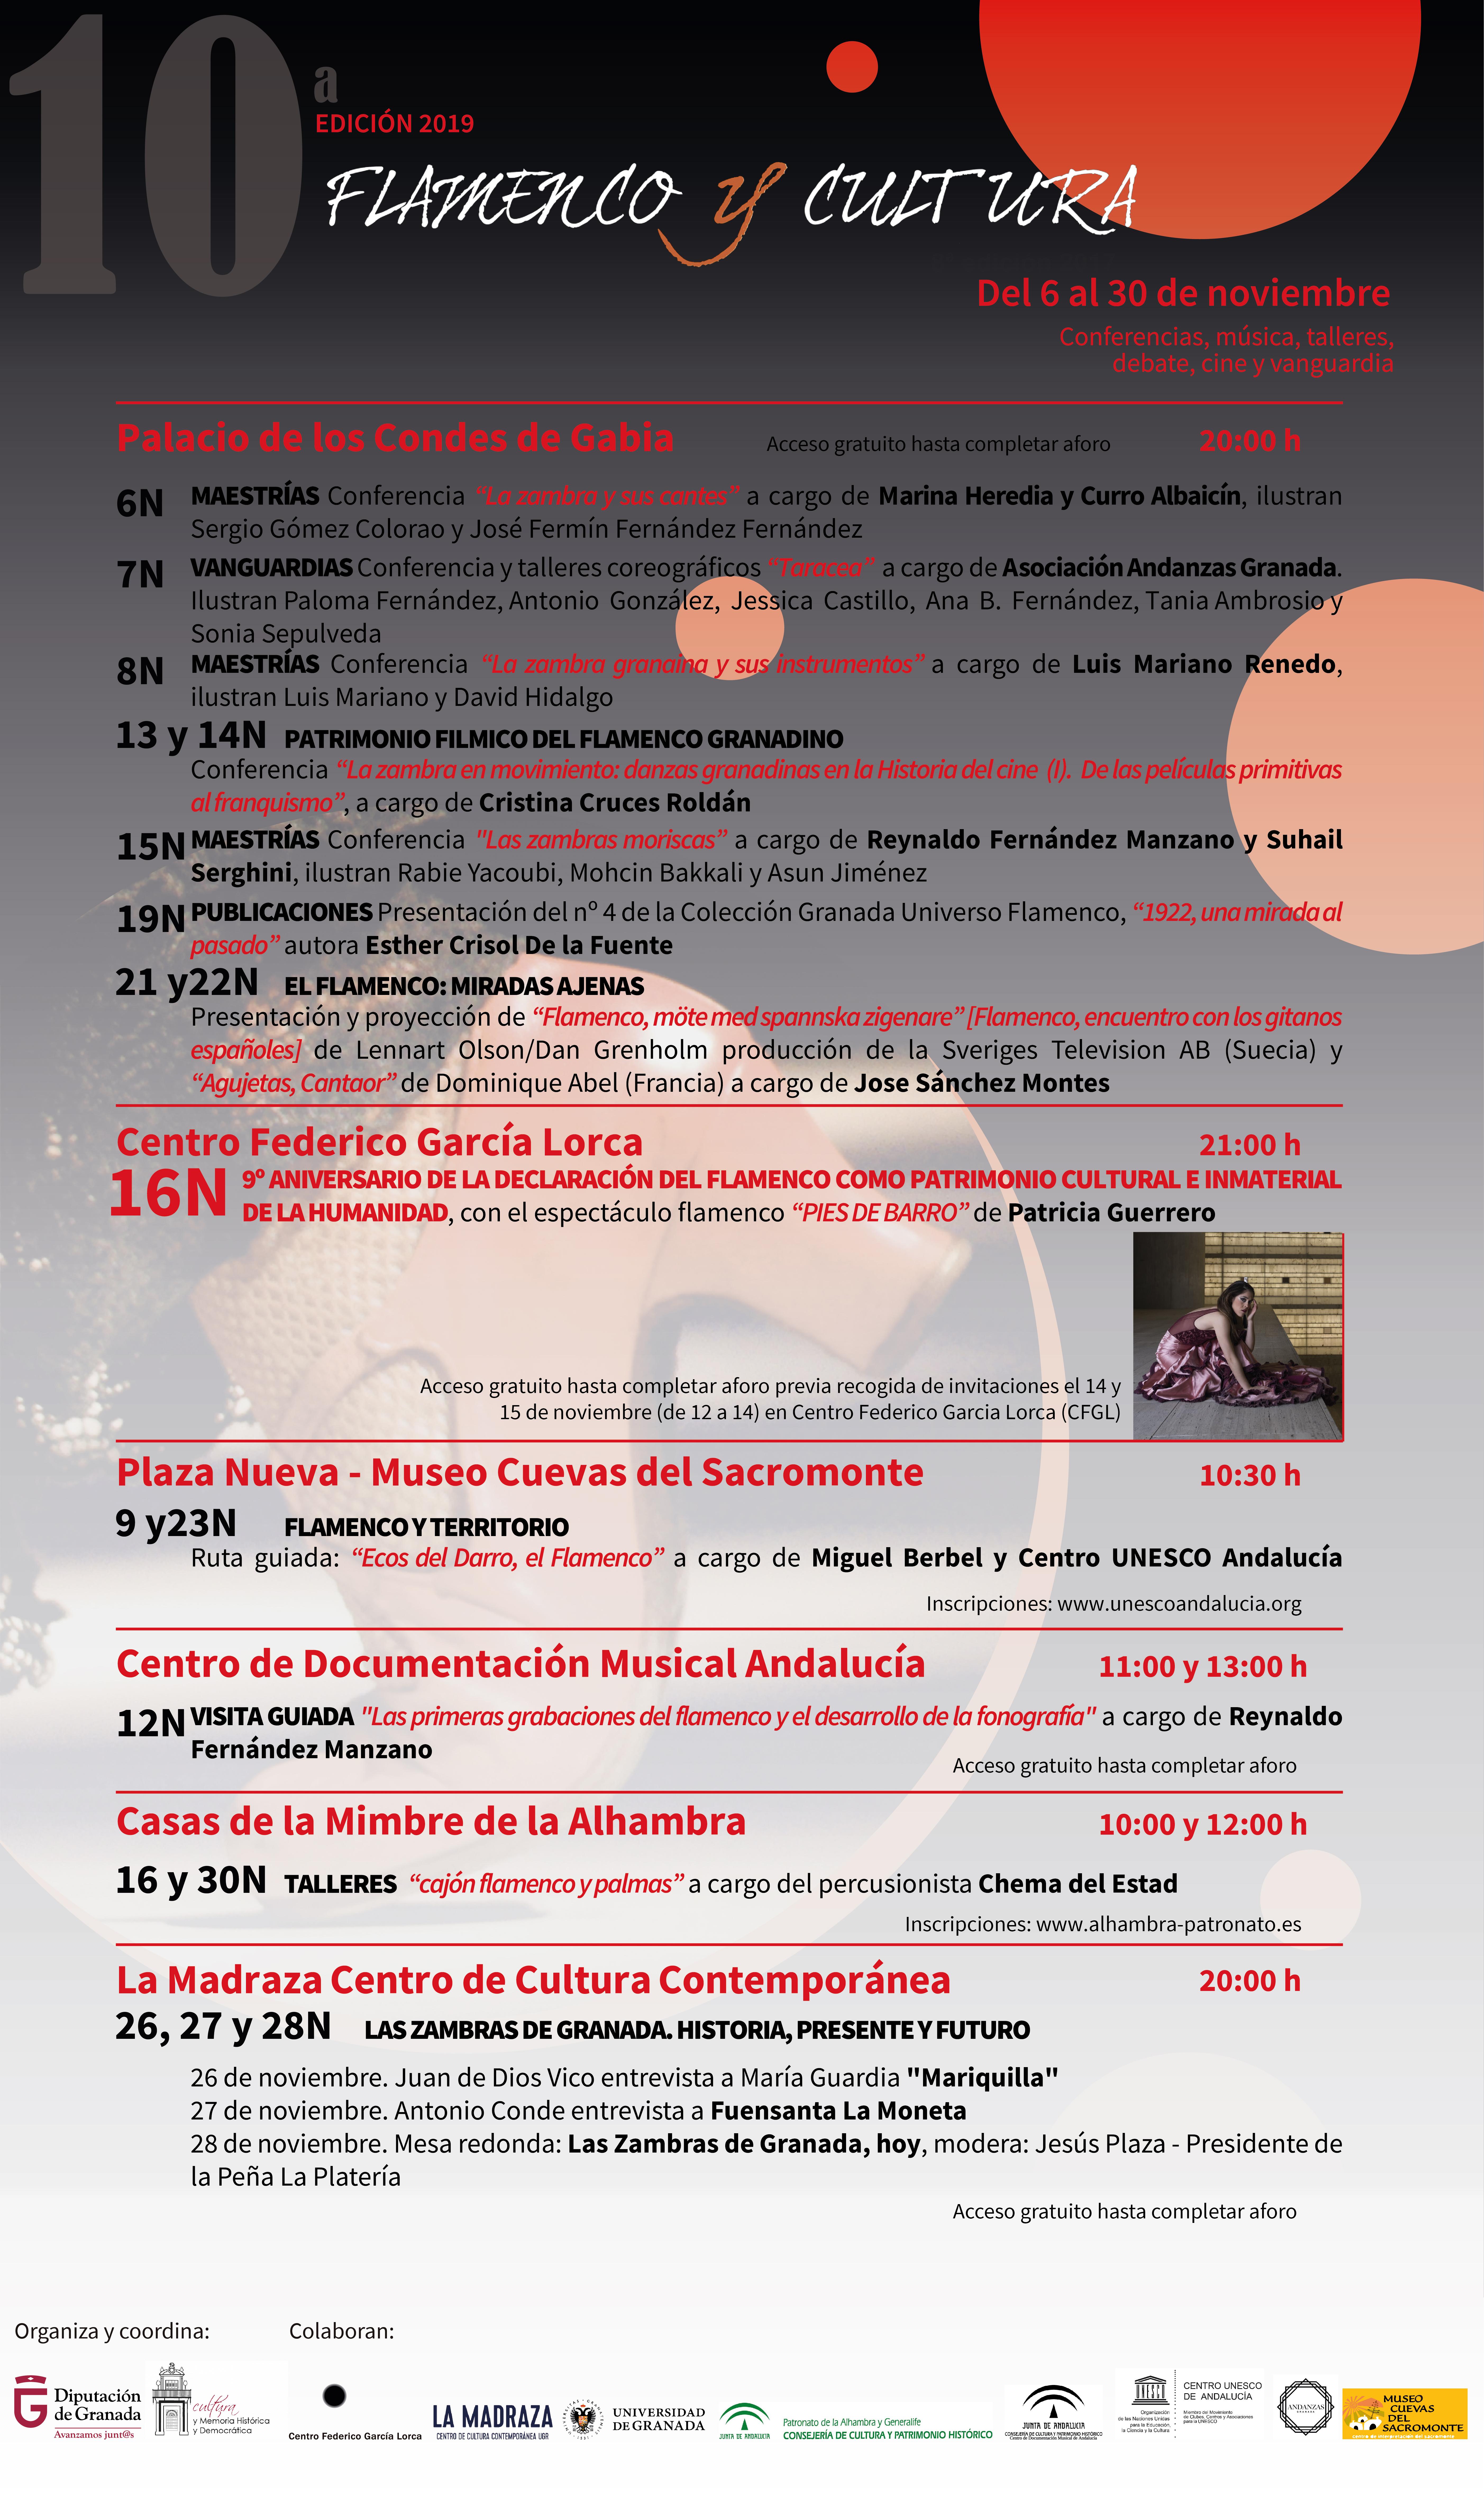 El ciclo Flamenco y Cultura de la Diputación Cumple 10 años